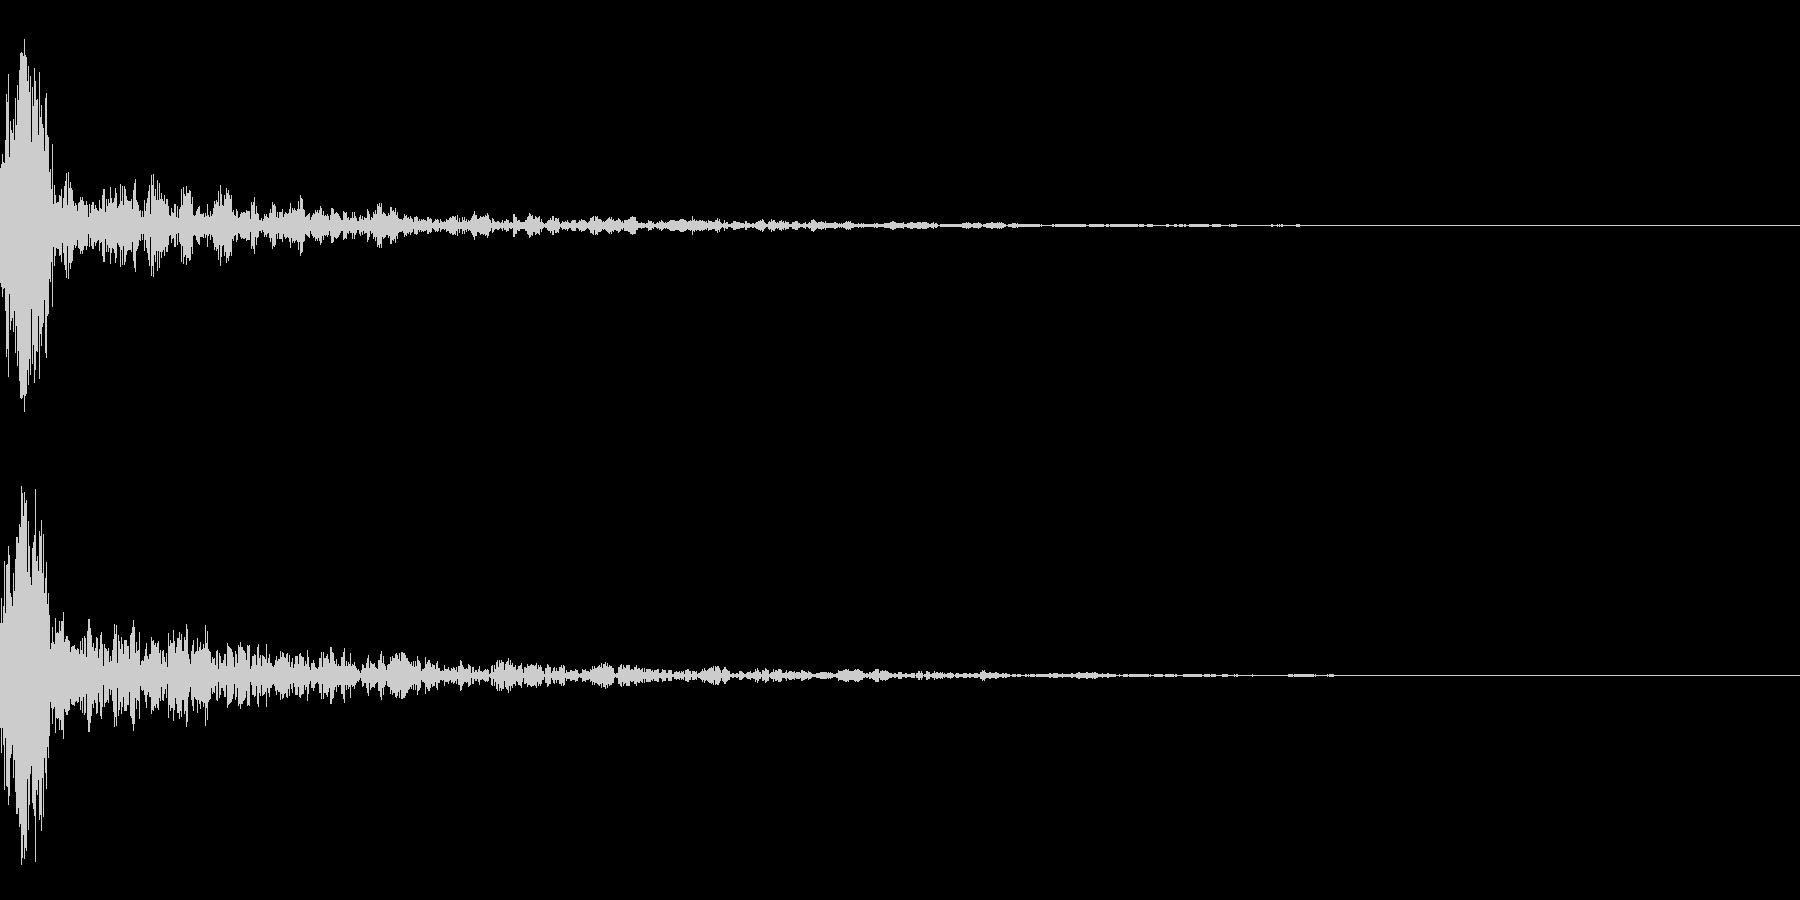 ドーン-14-1(インパクト音)の未再生の波形